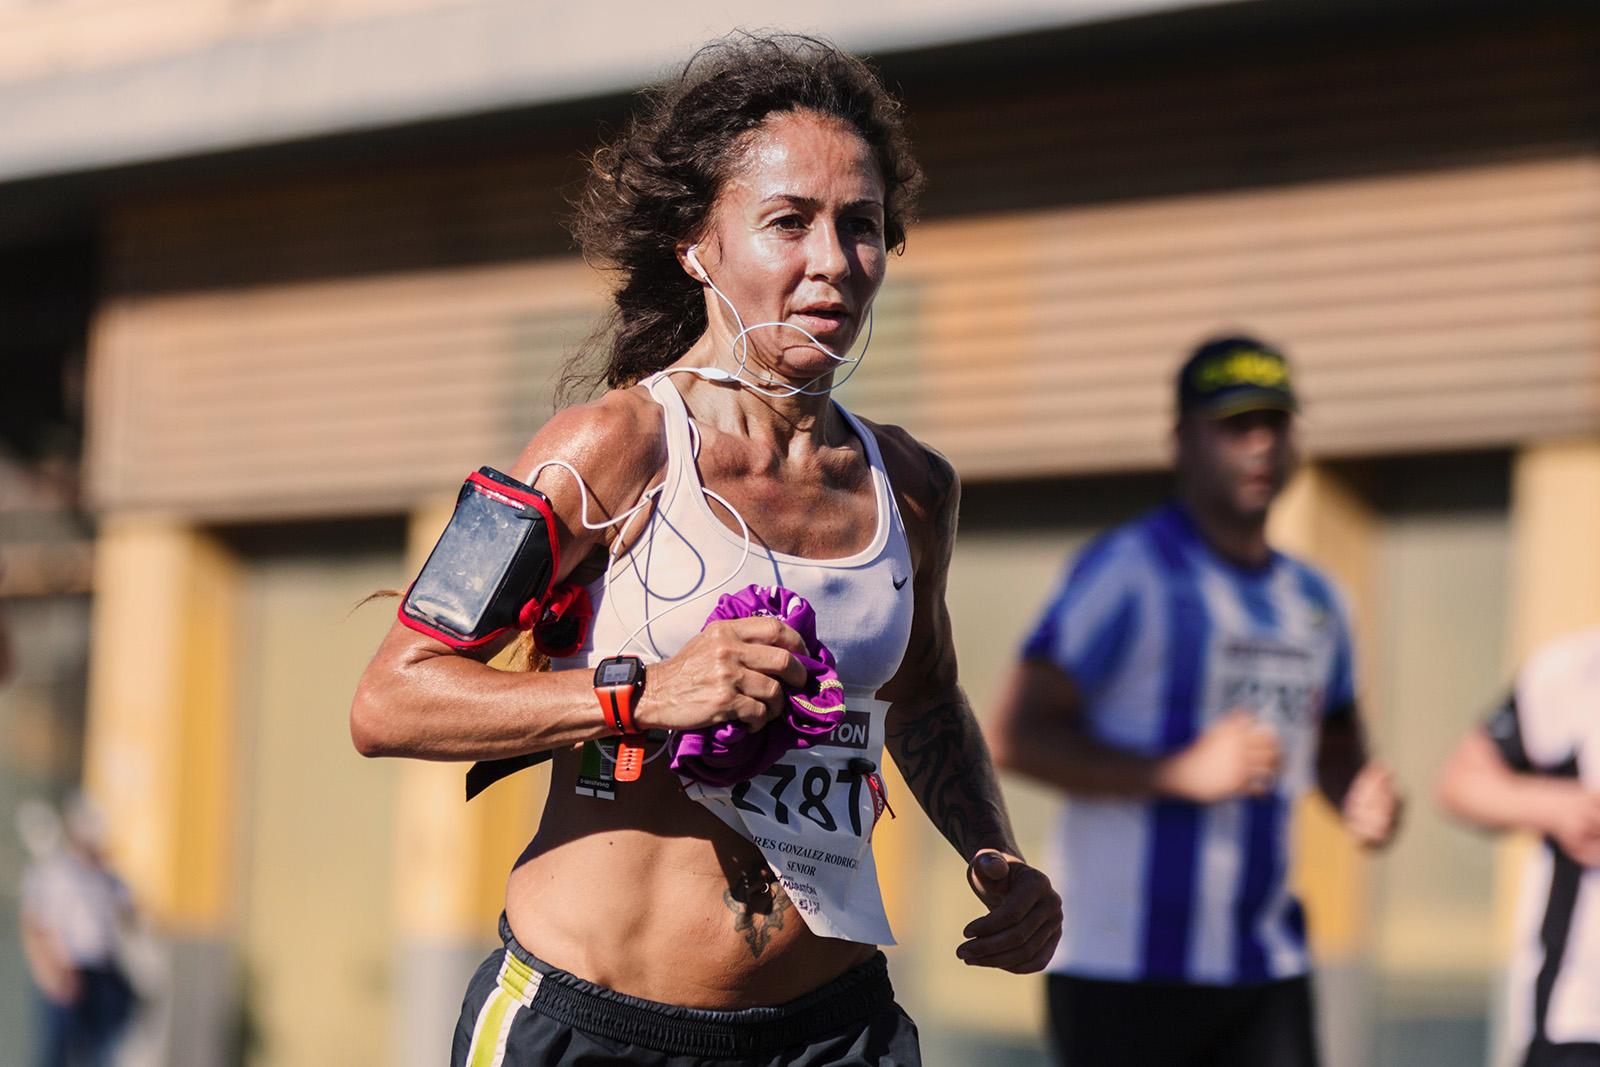 Är kvinnor snabbare än män på ultradistanser?